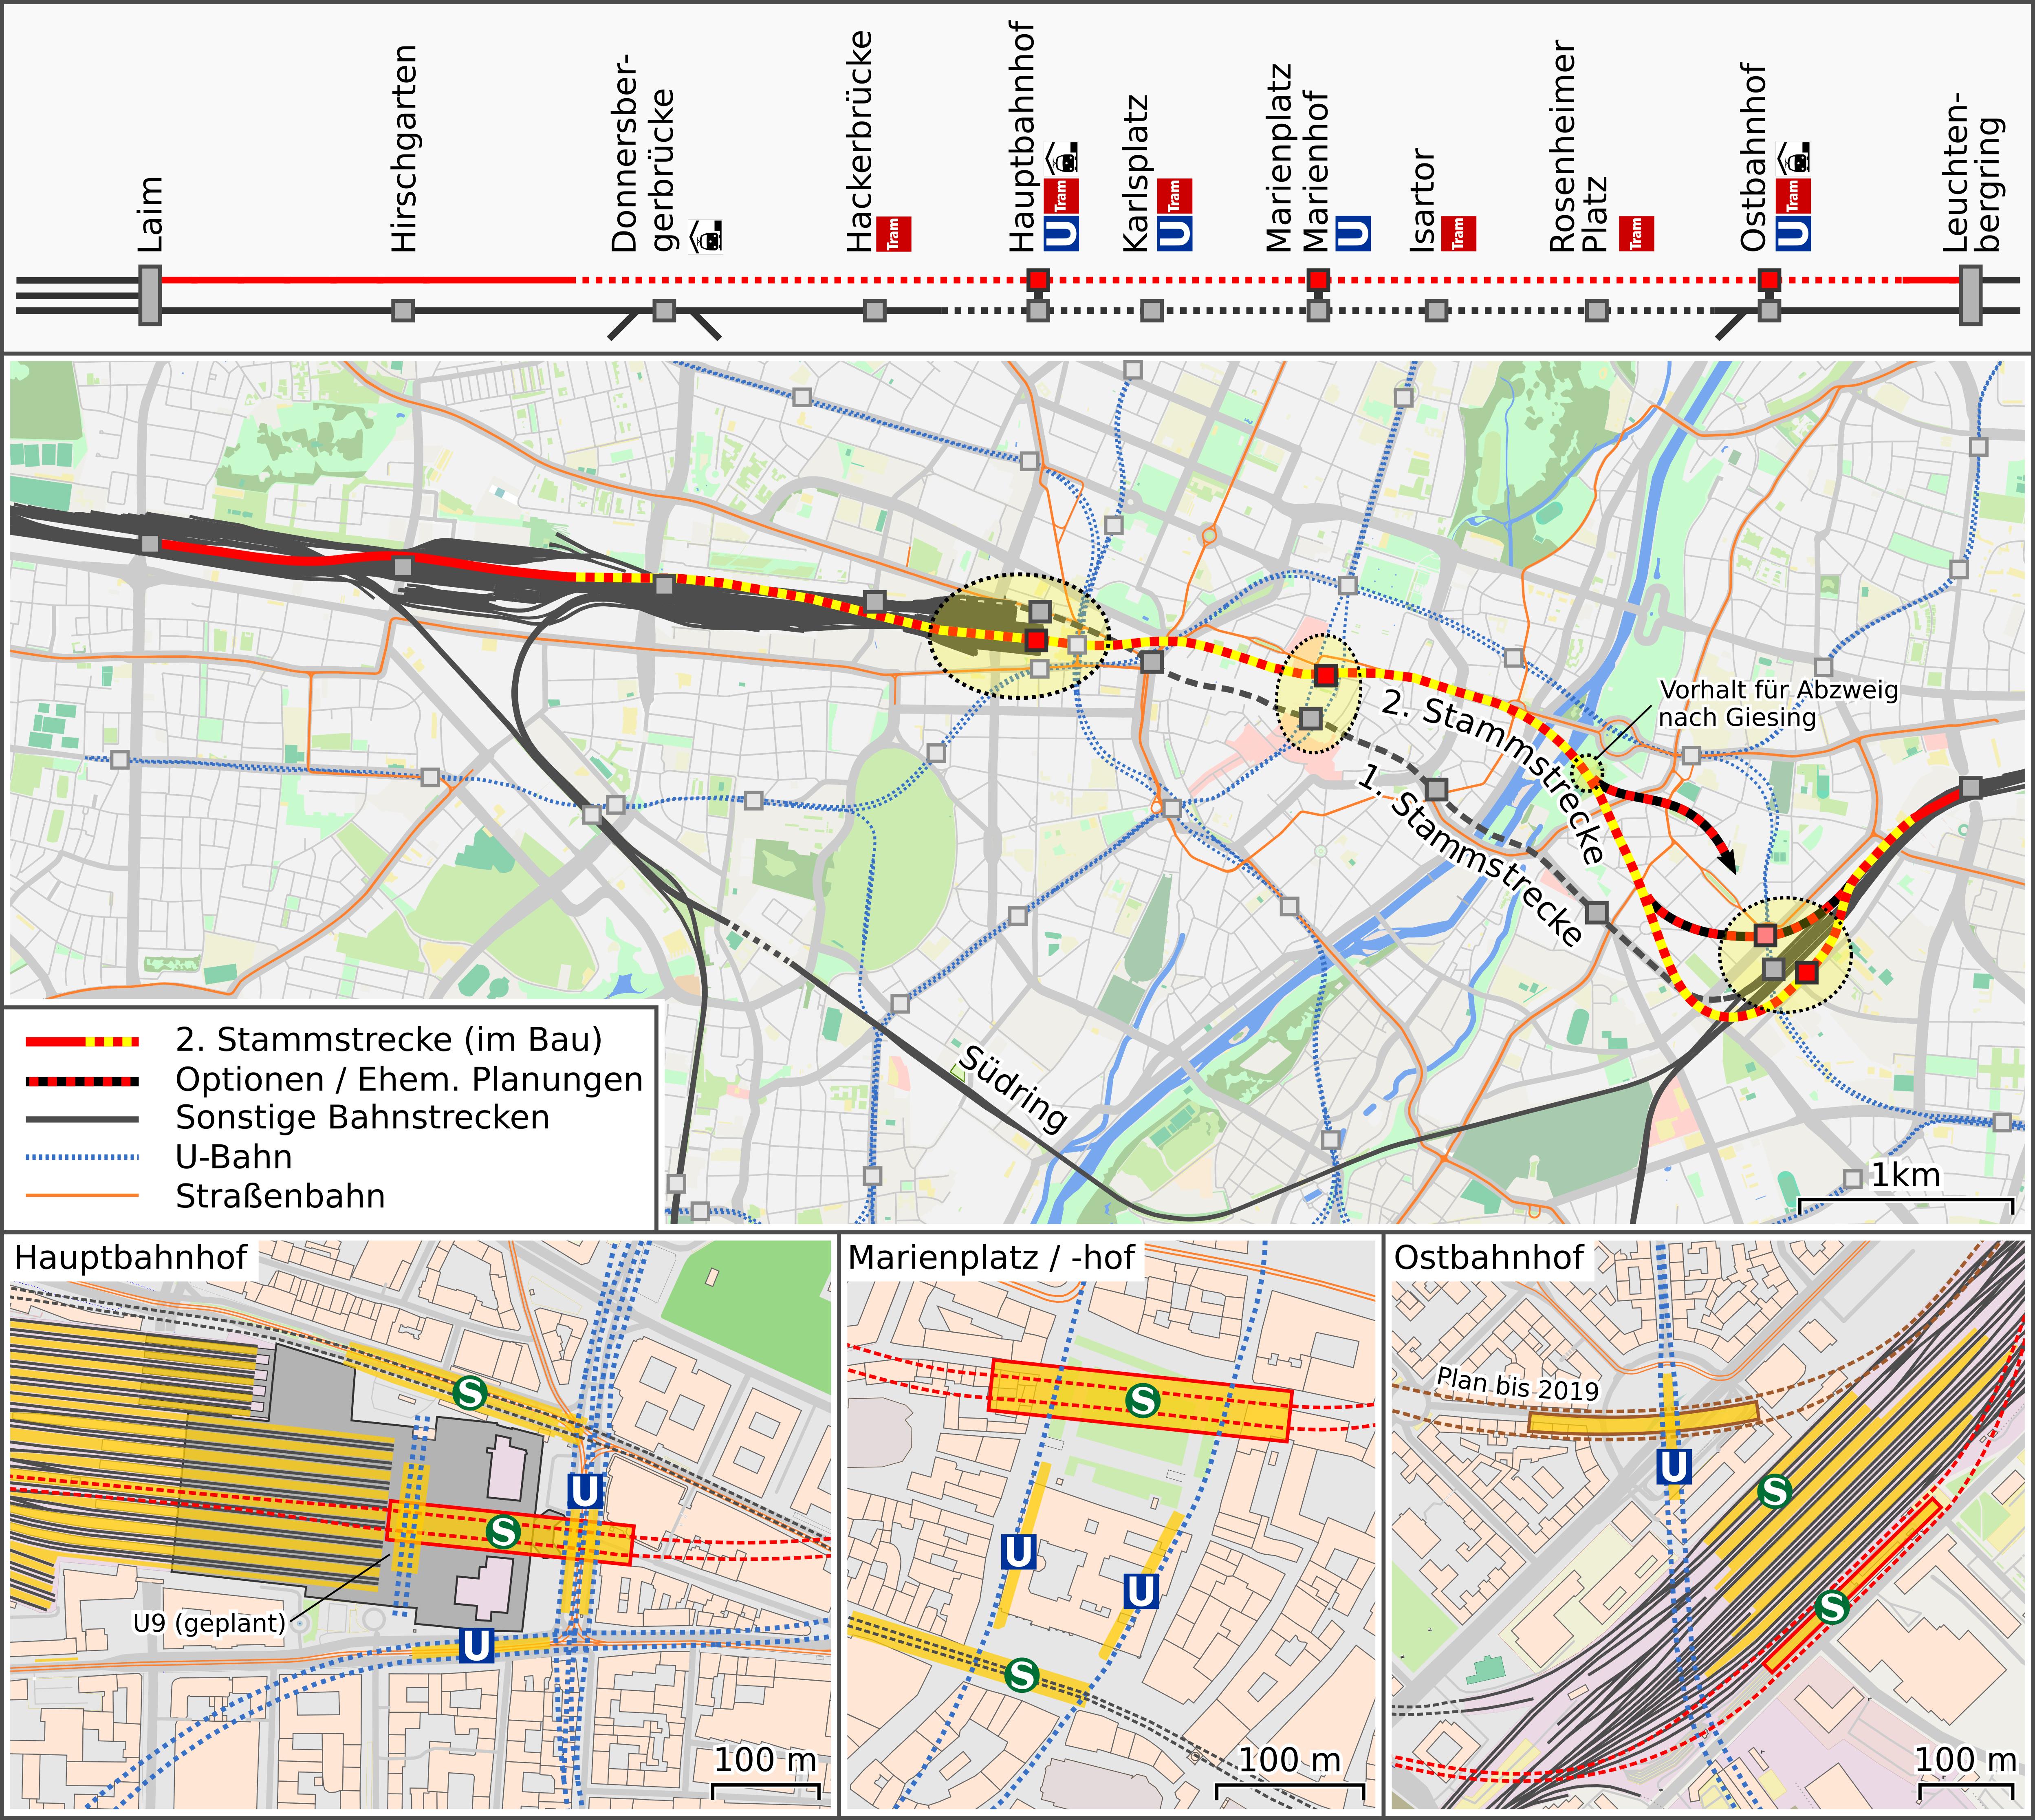 Zweite Stammstrecke S Bahn München Wikipedia